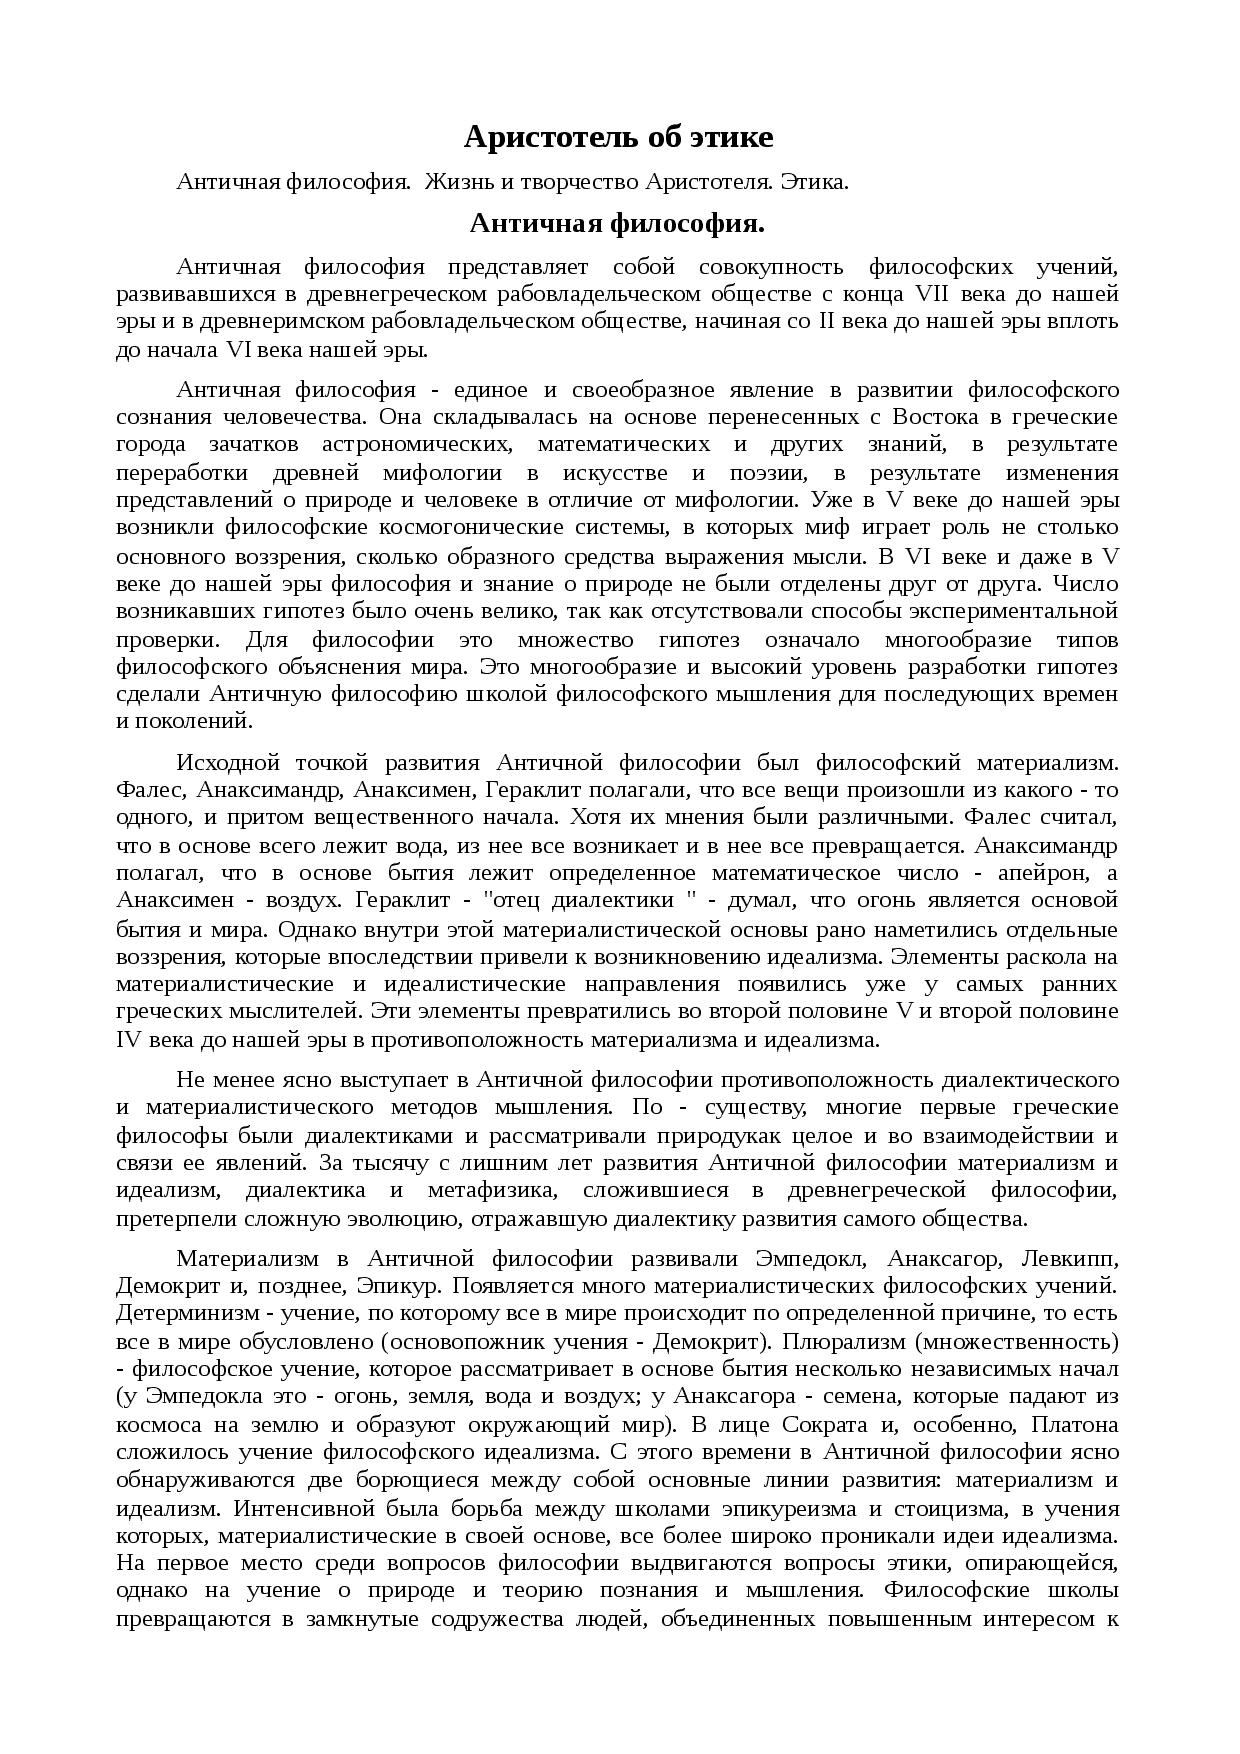 Психологические основы в философии аристотеля | рефераты km.ru